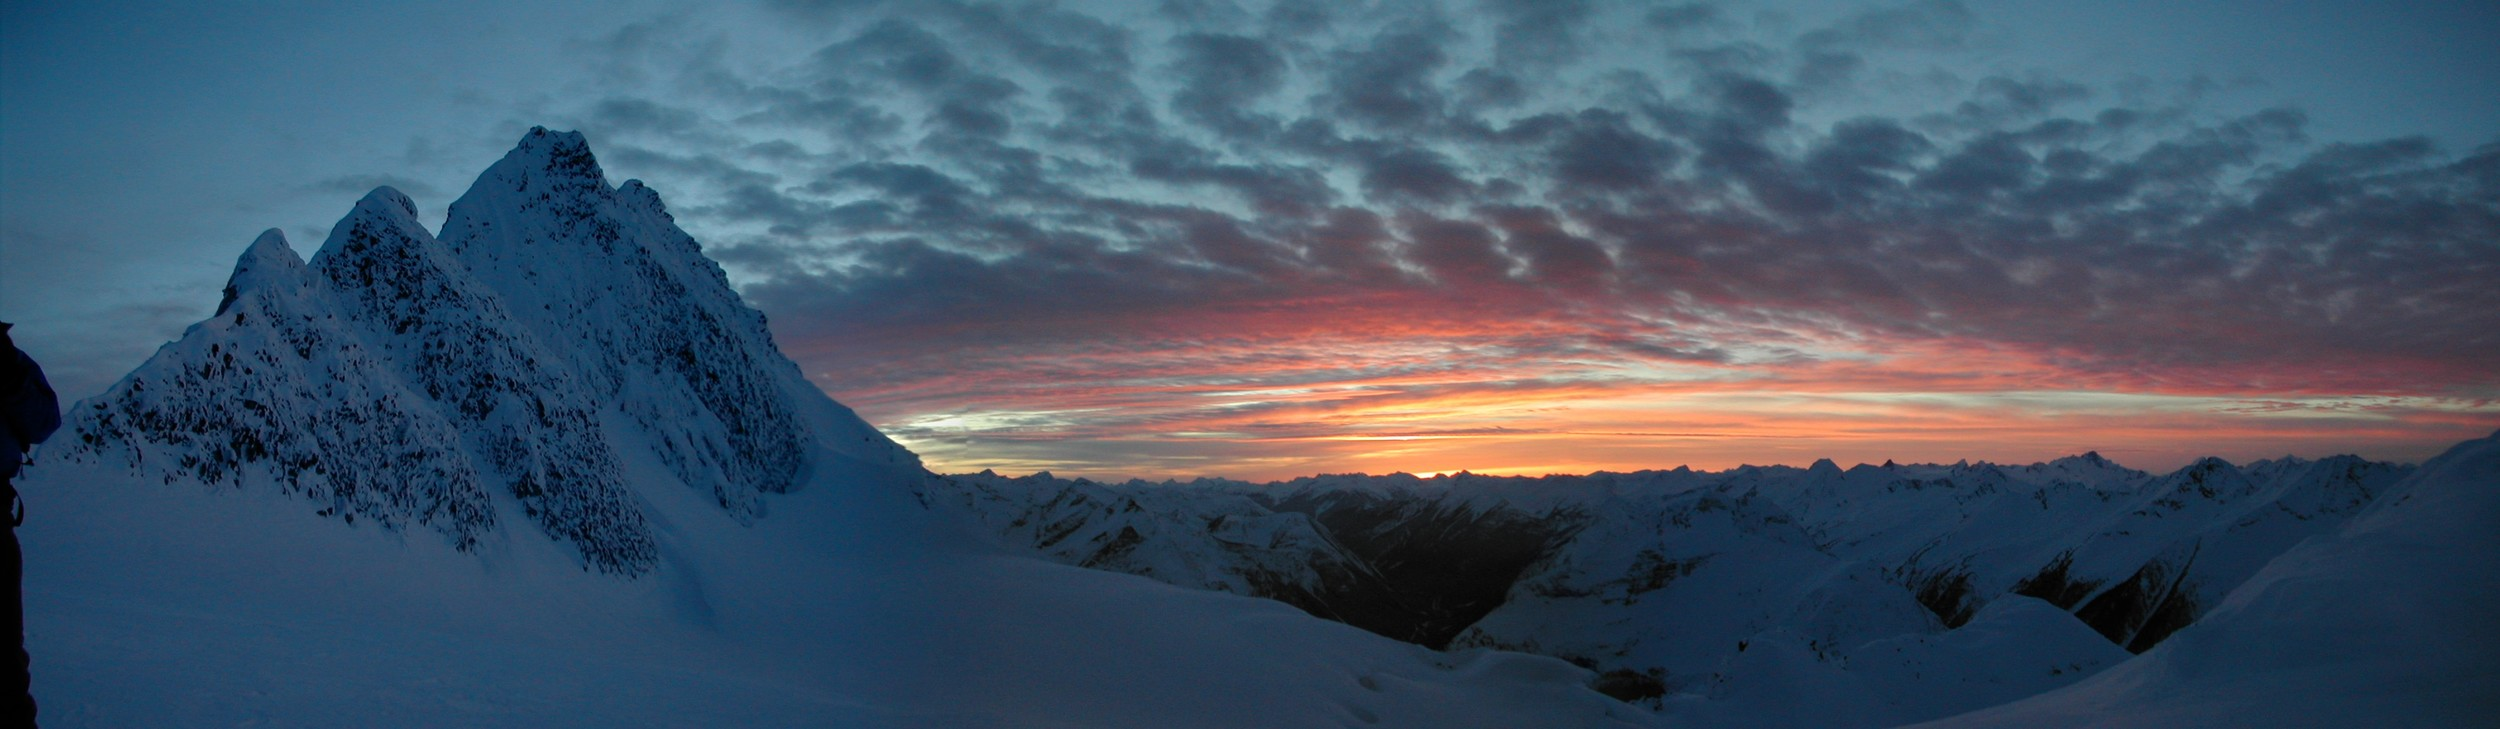 Last Run: Avalanche Mountain and North Glacier